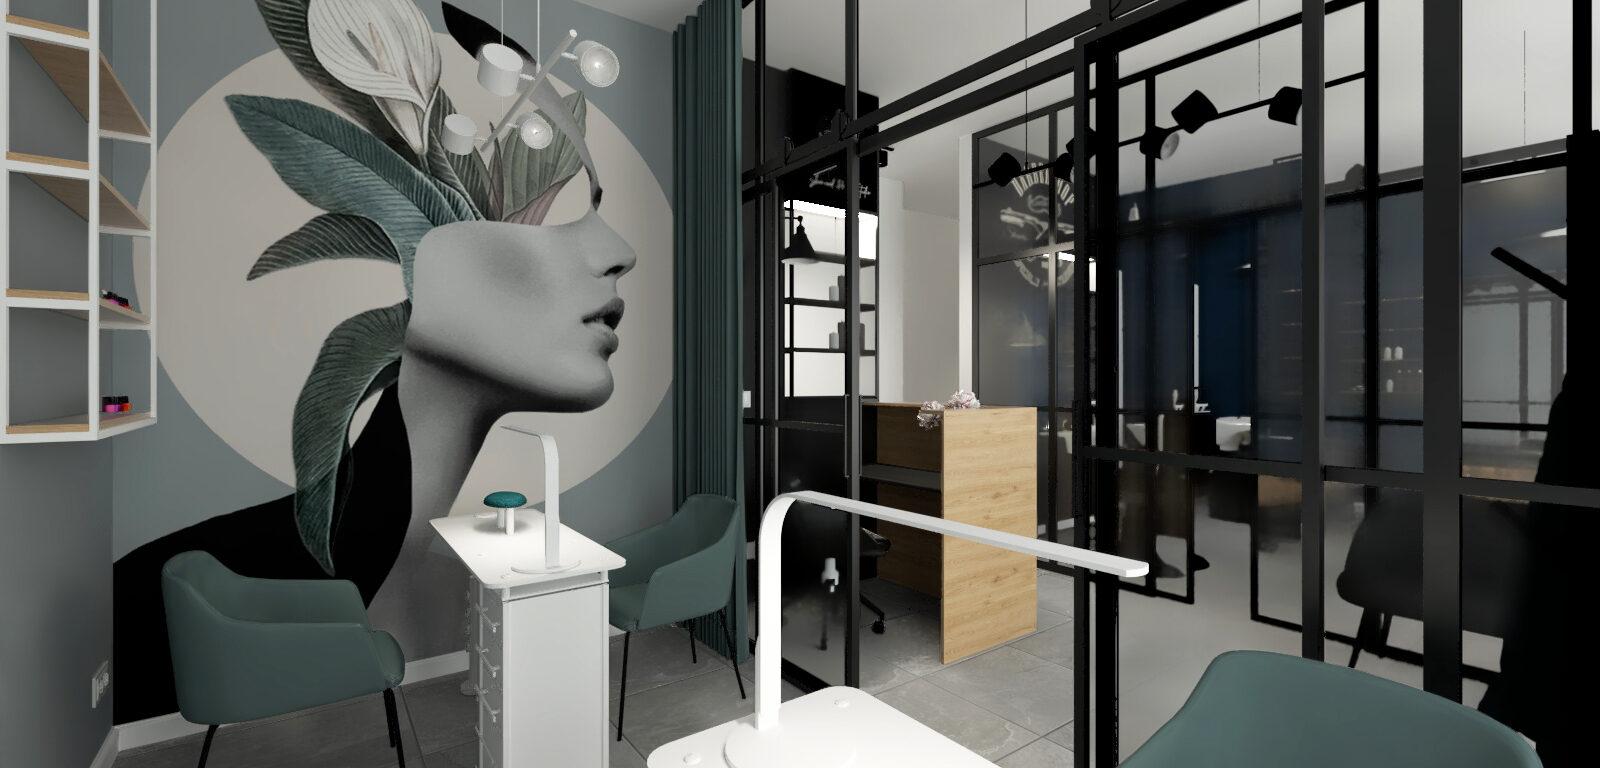 dacon-design-architekt-wroclaw-wroclaw-aranzacja-wnetrz-salon-urody-fryzjerski-kosmetyczny